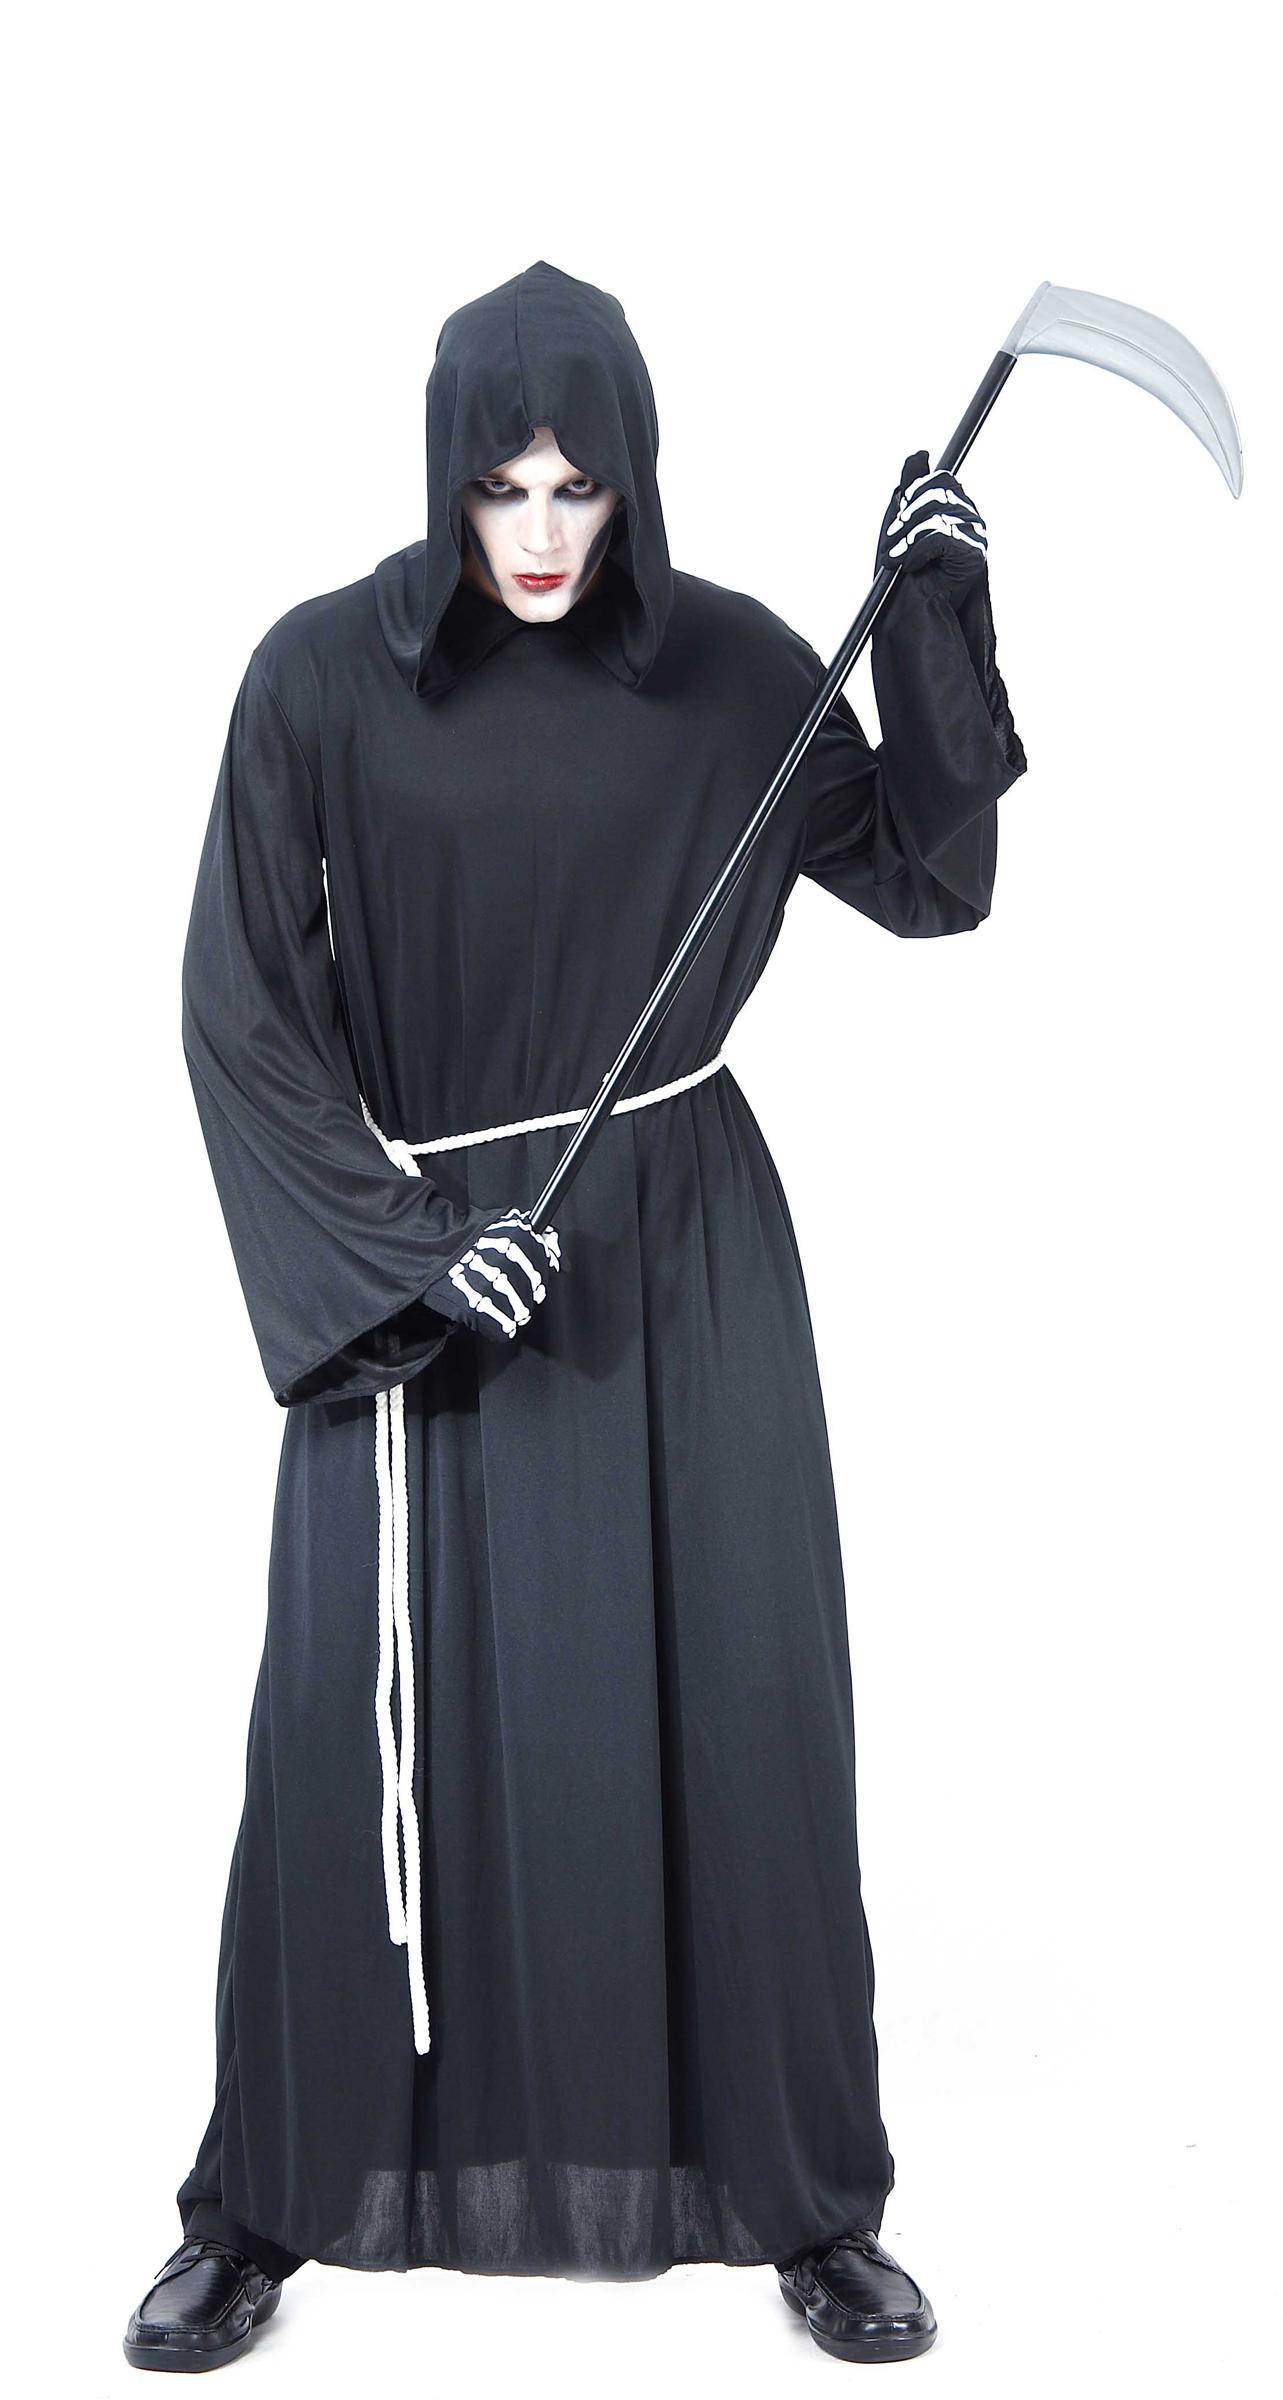 Costume halloween homme pr t porter f minin et masculin - Costume halloween homme original ...